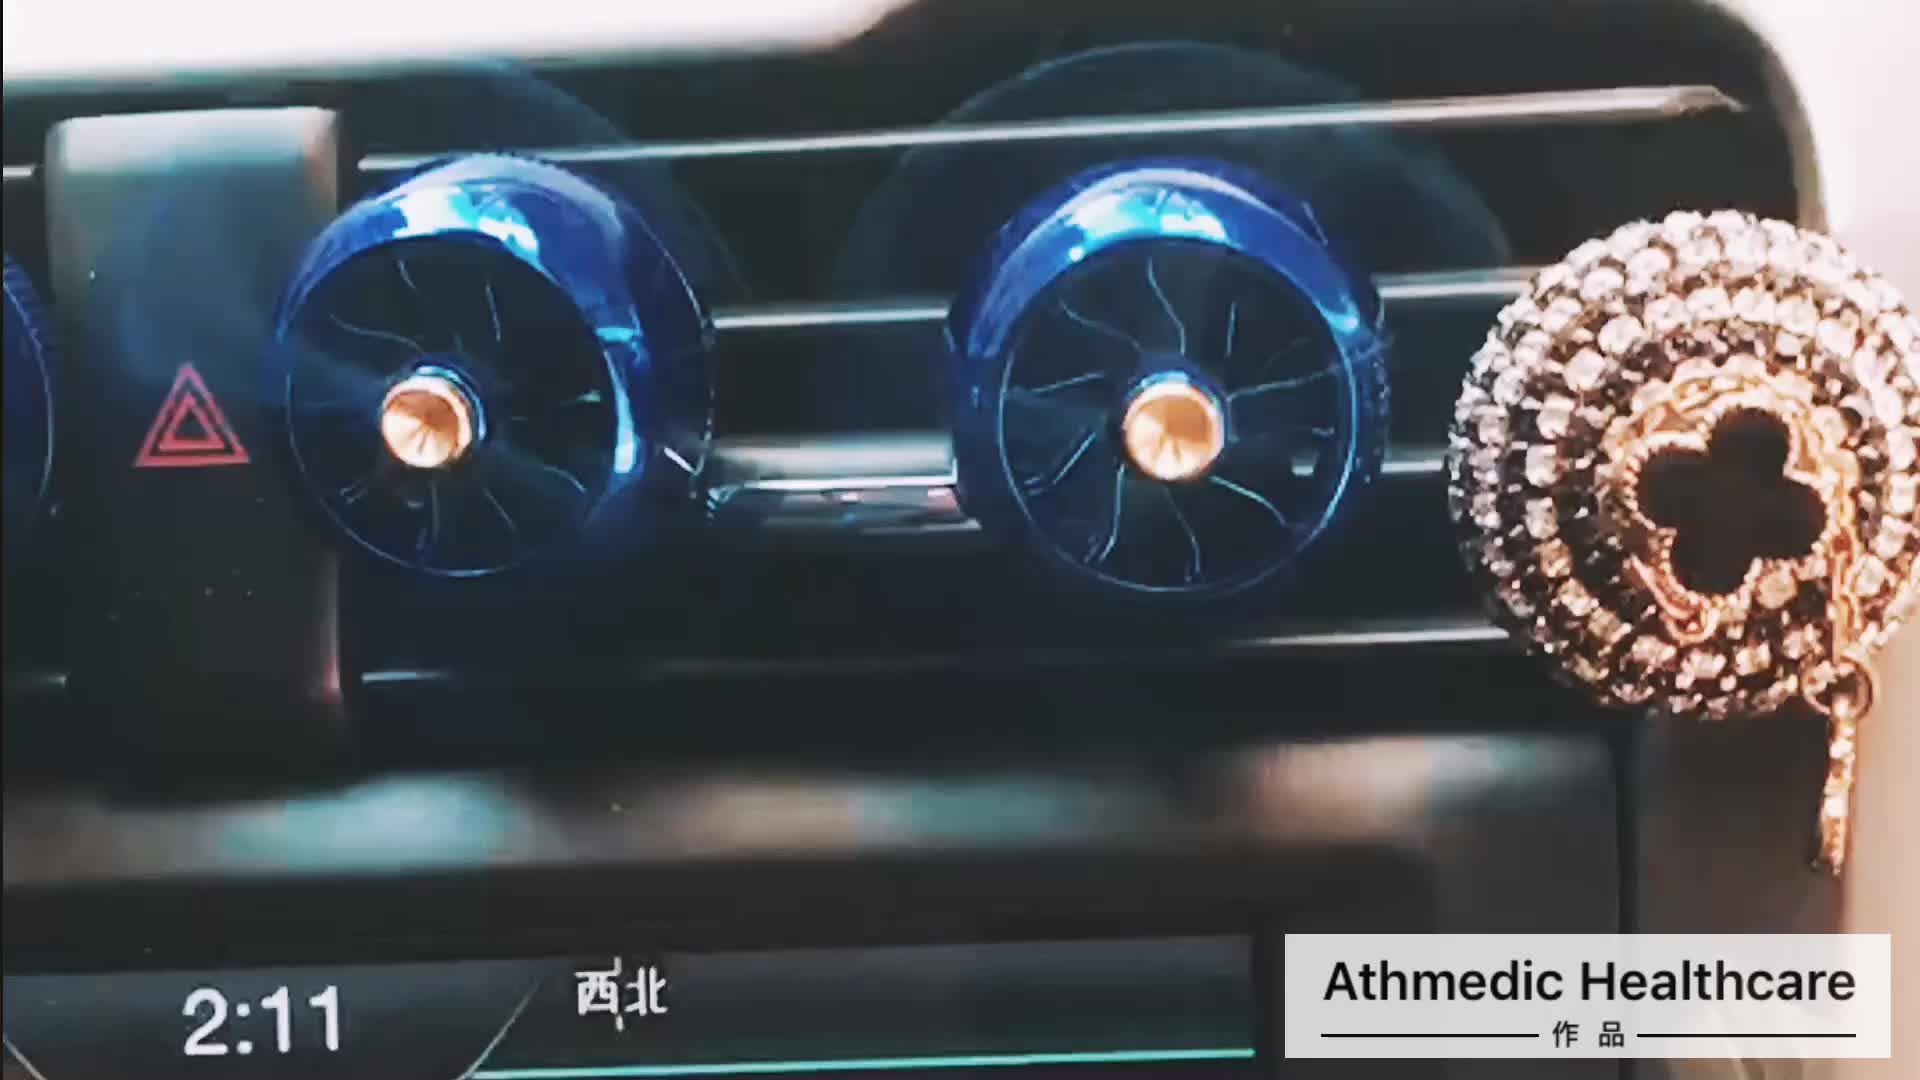 2020 de la Fuerza Aérea 8 hélice coche de Perfume de aluminio de salida de aire de Perfume Clip de ventilación ambientador difusor de la fragancia